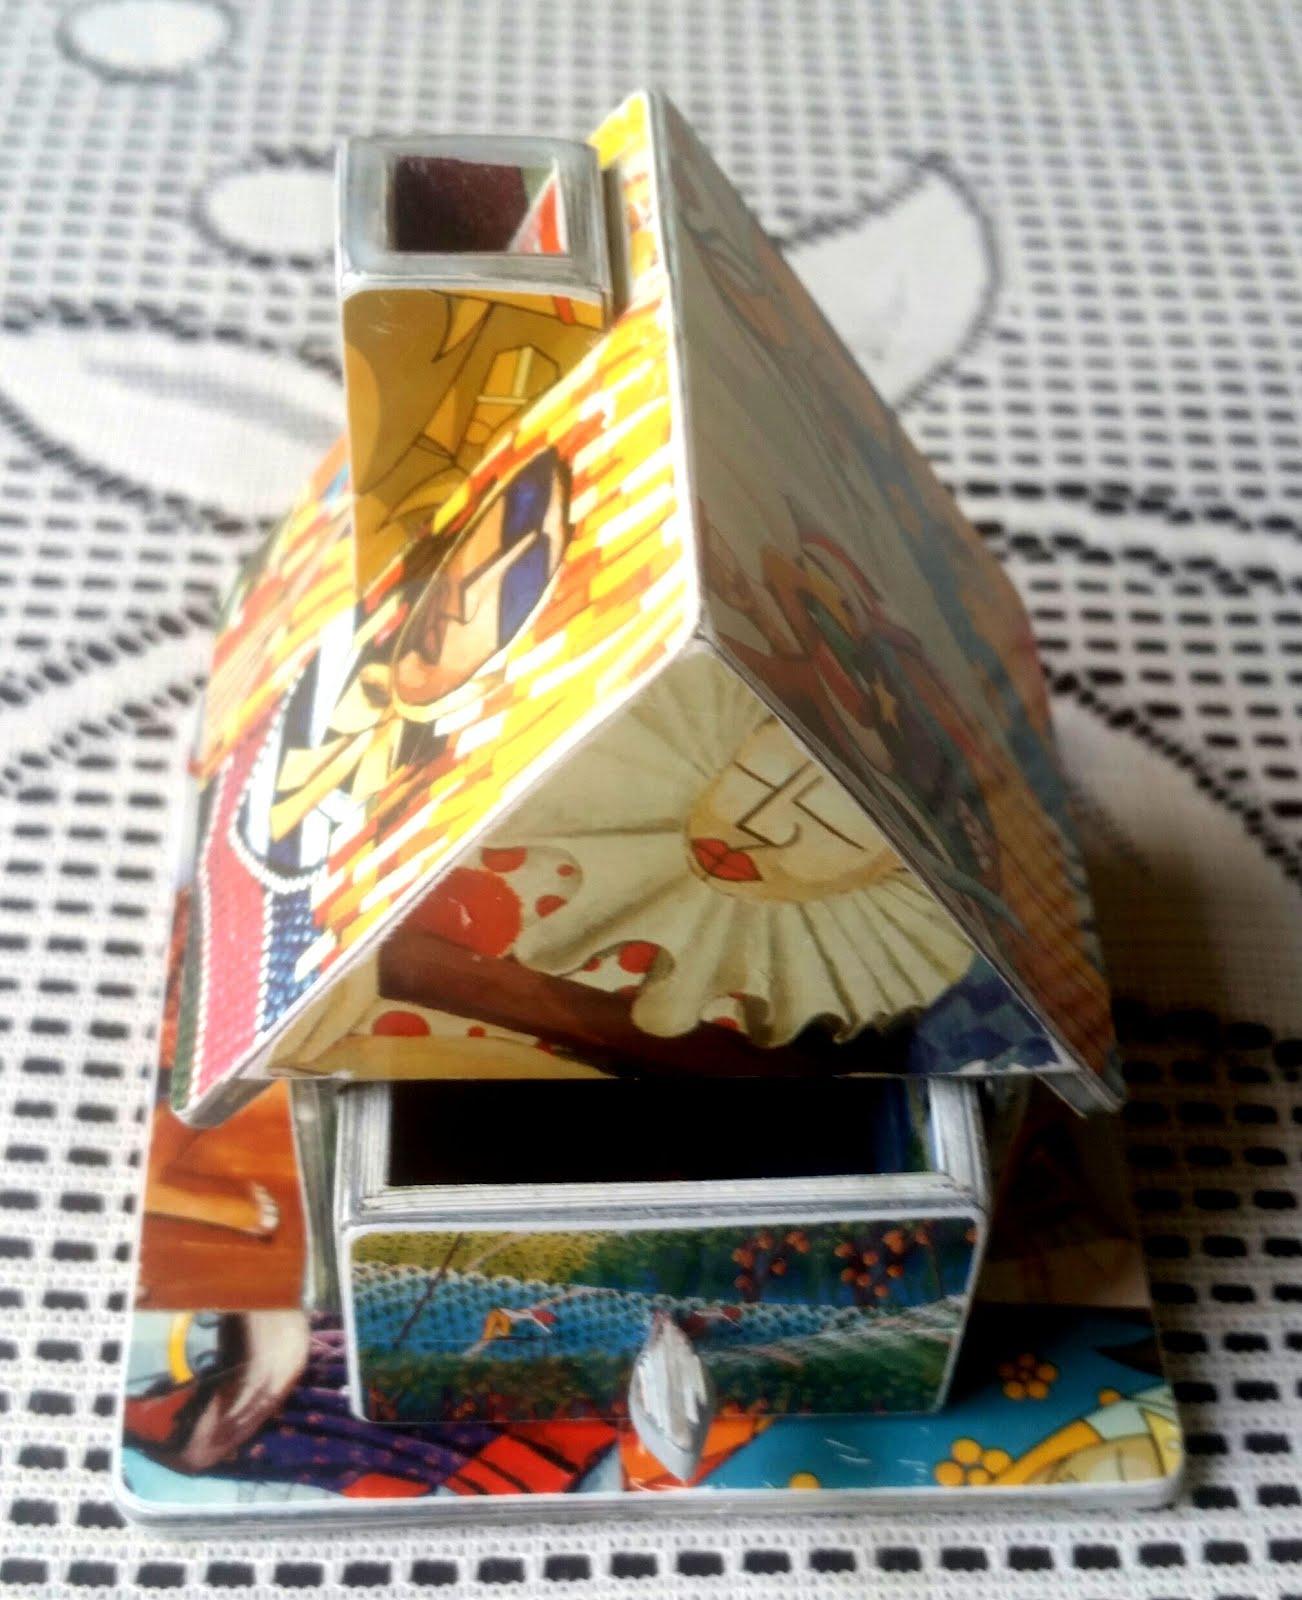 Arte feita com Cartão Telefônico pelo cantor Charles Meira